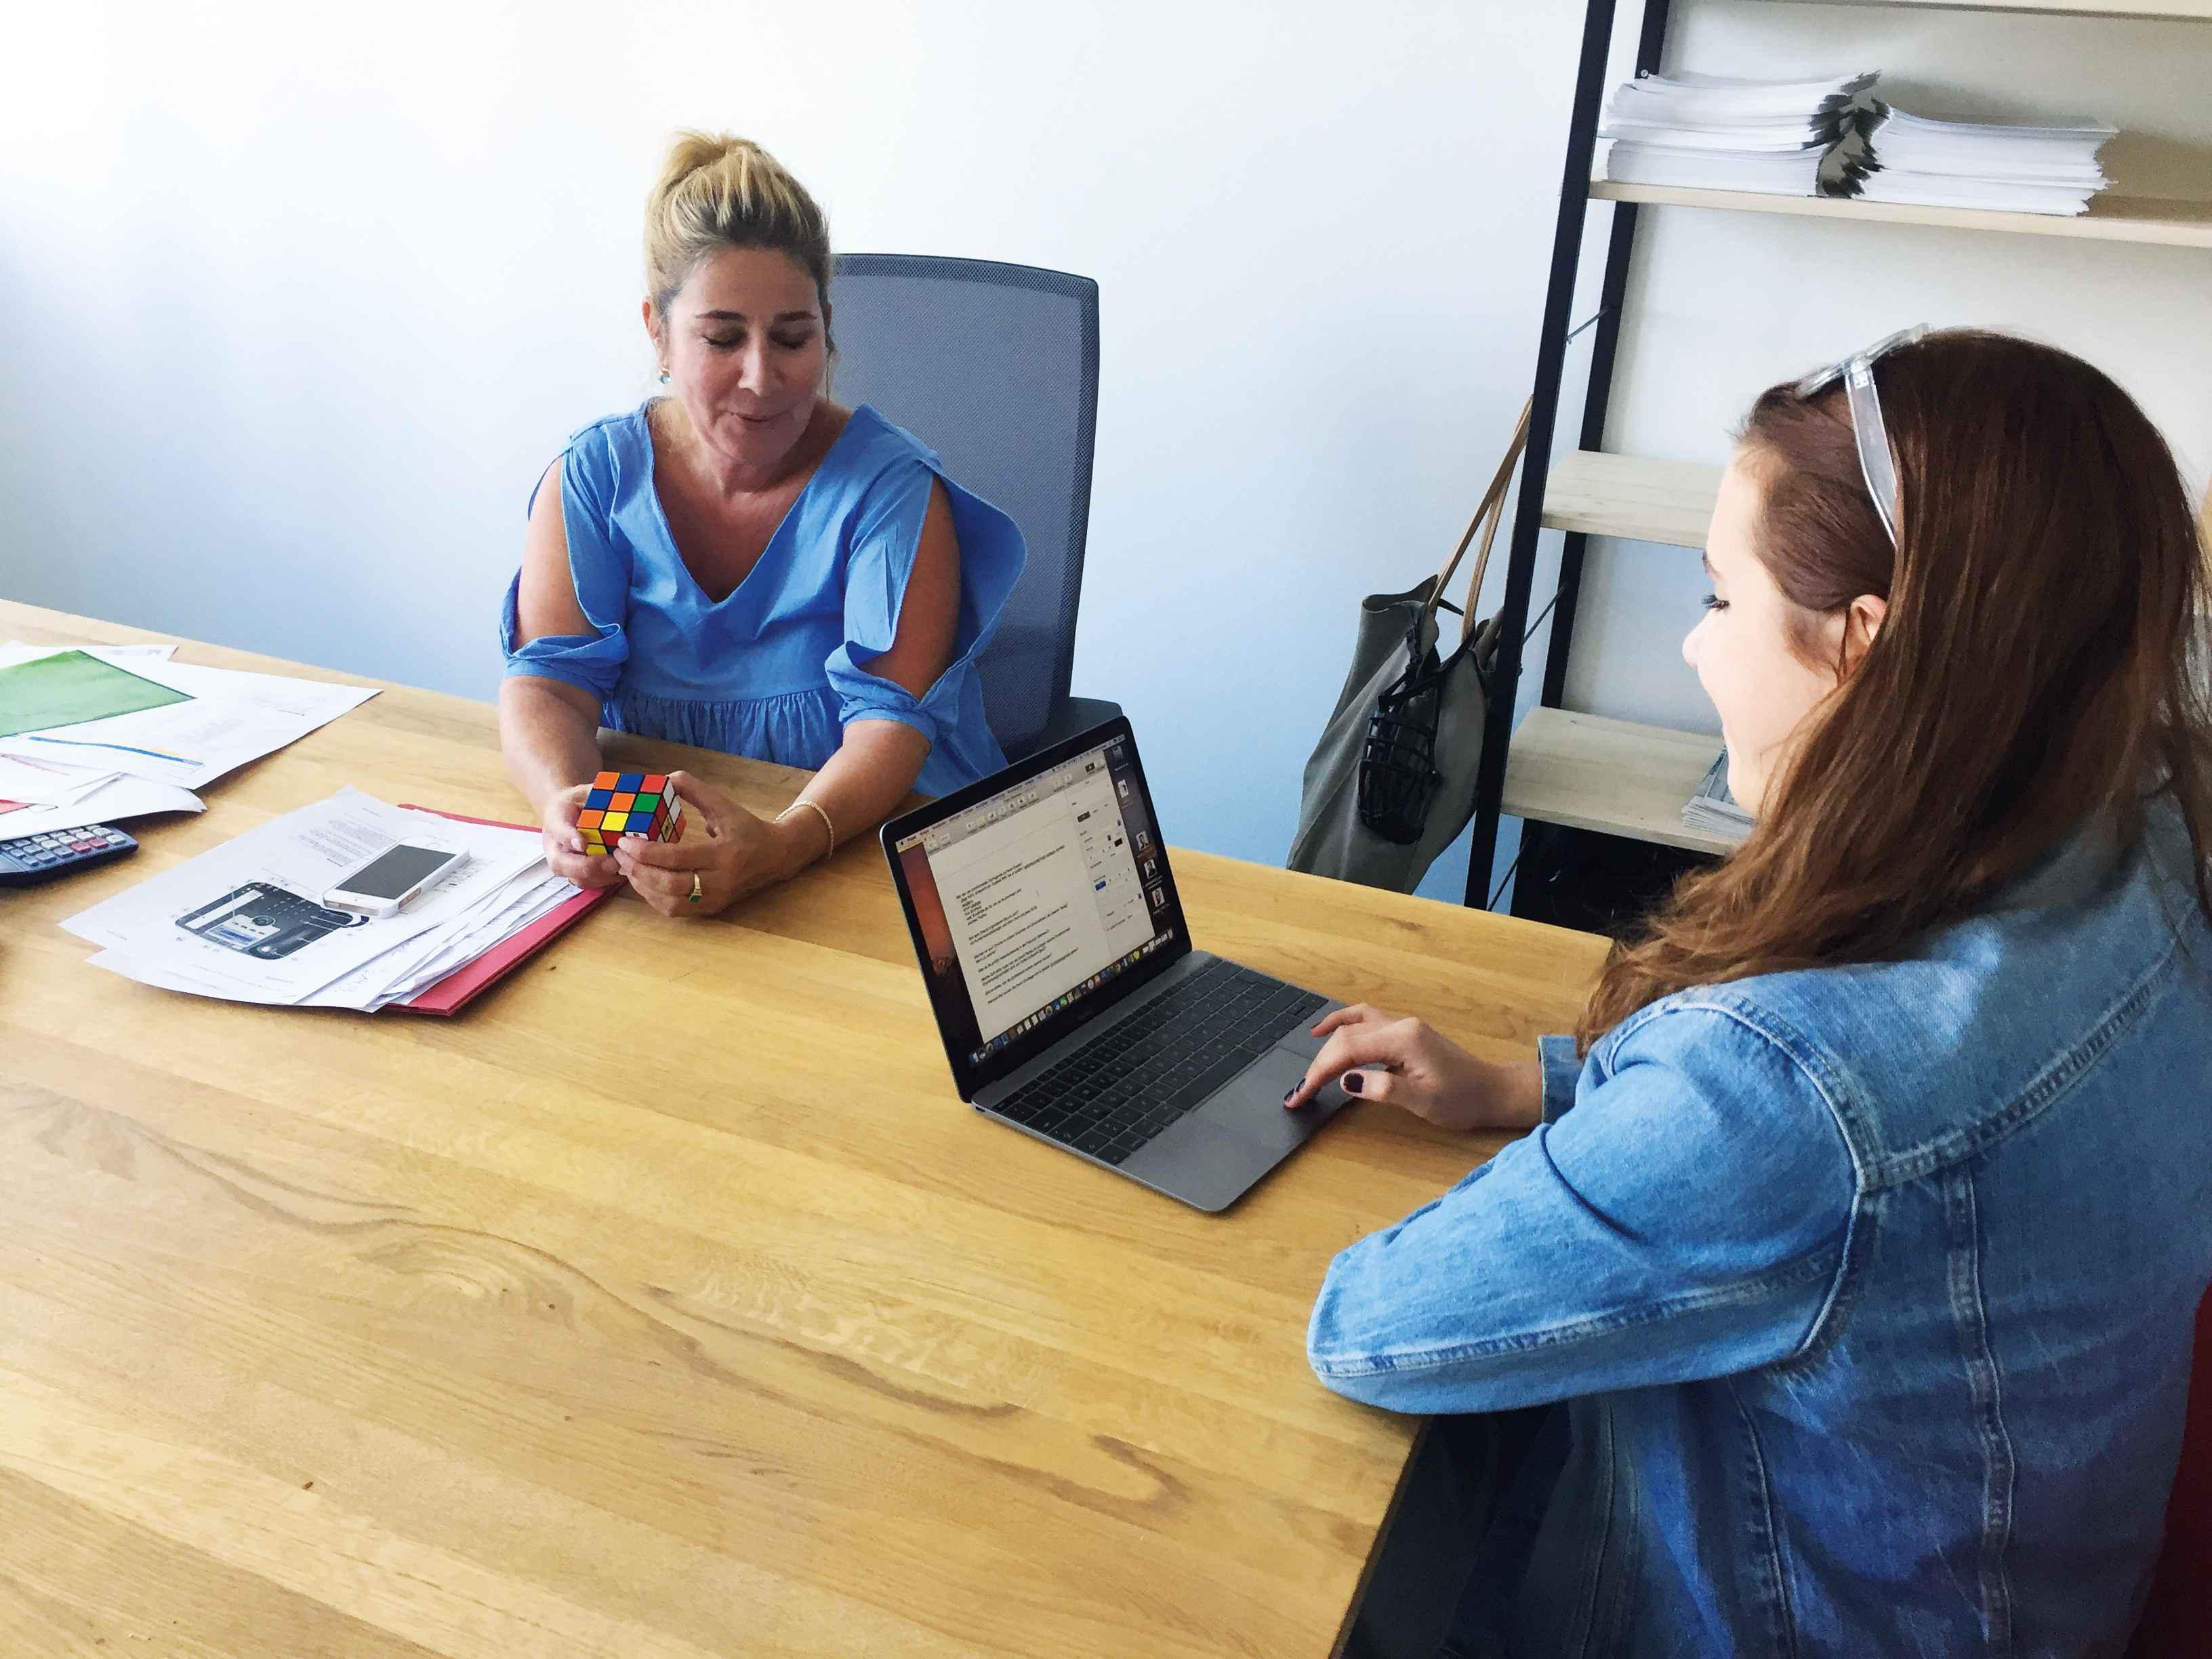 Frisch umgezogen: Making-Of des spannenden Interviews in den neuen Büroräumen der WEKA Industriemedien